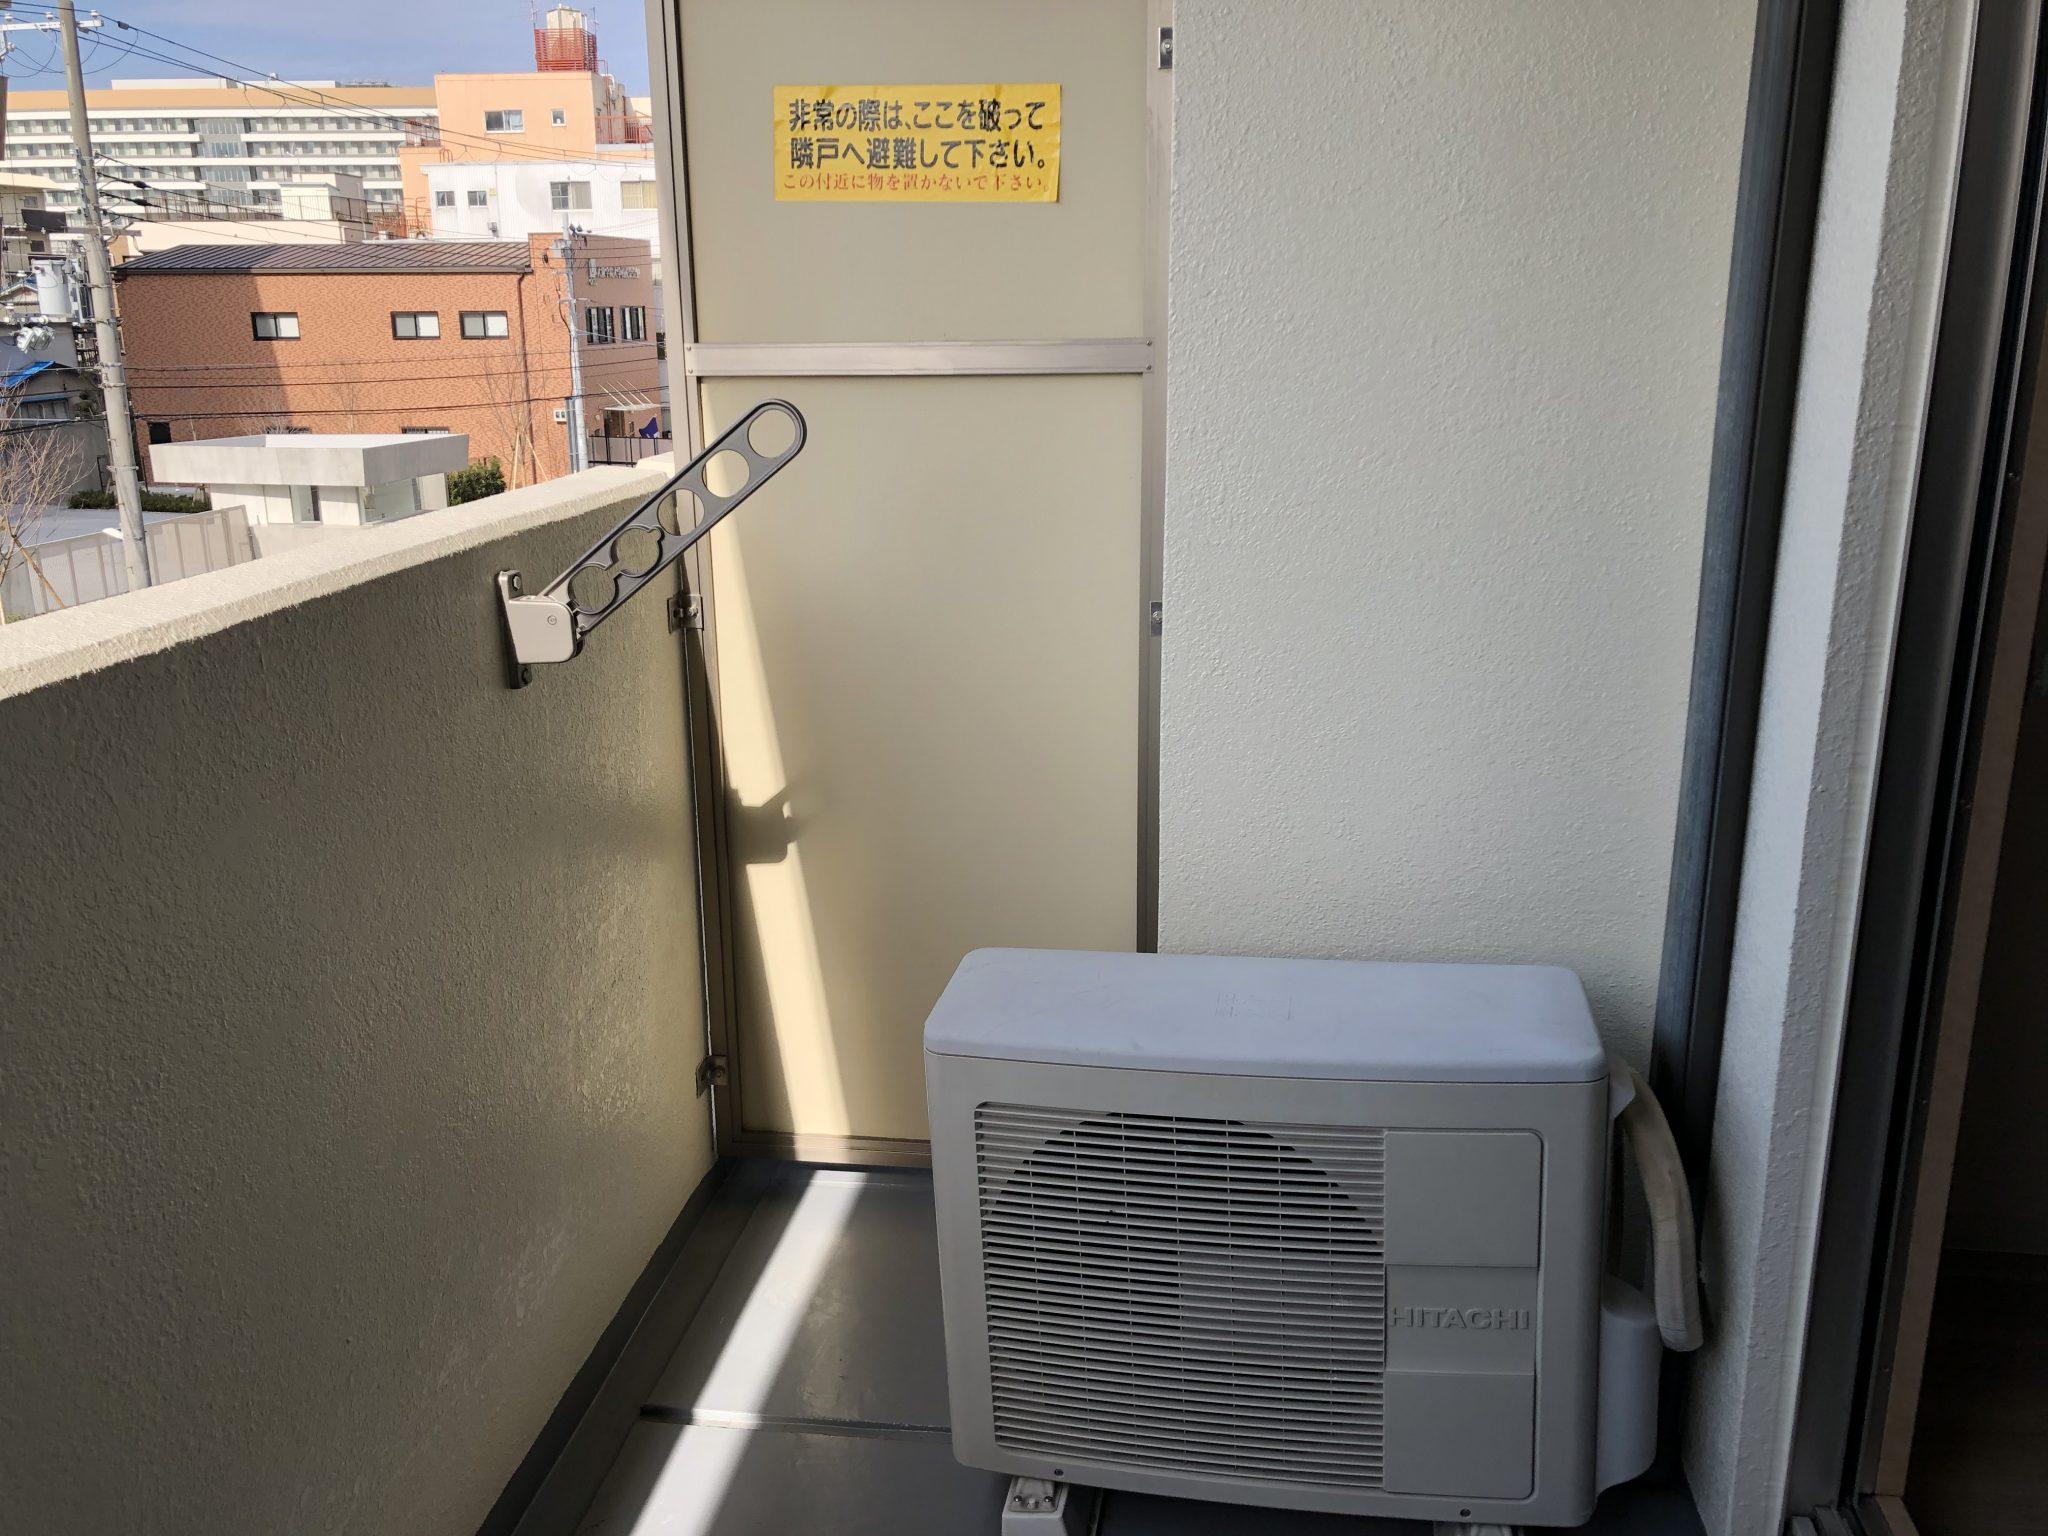 吹田市賃貸1K,阪急京都線賃貸1K,京都線賃貸1K,京都線駅チカ賃貸